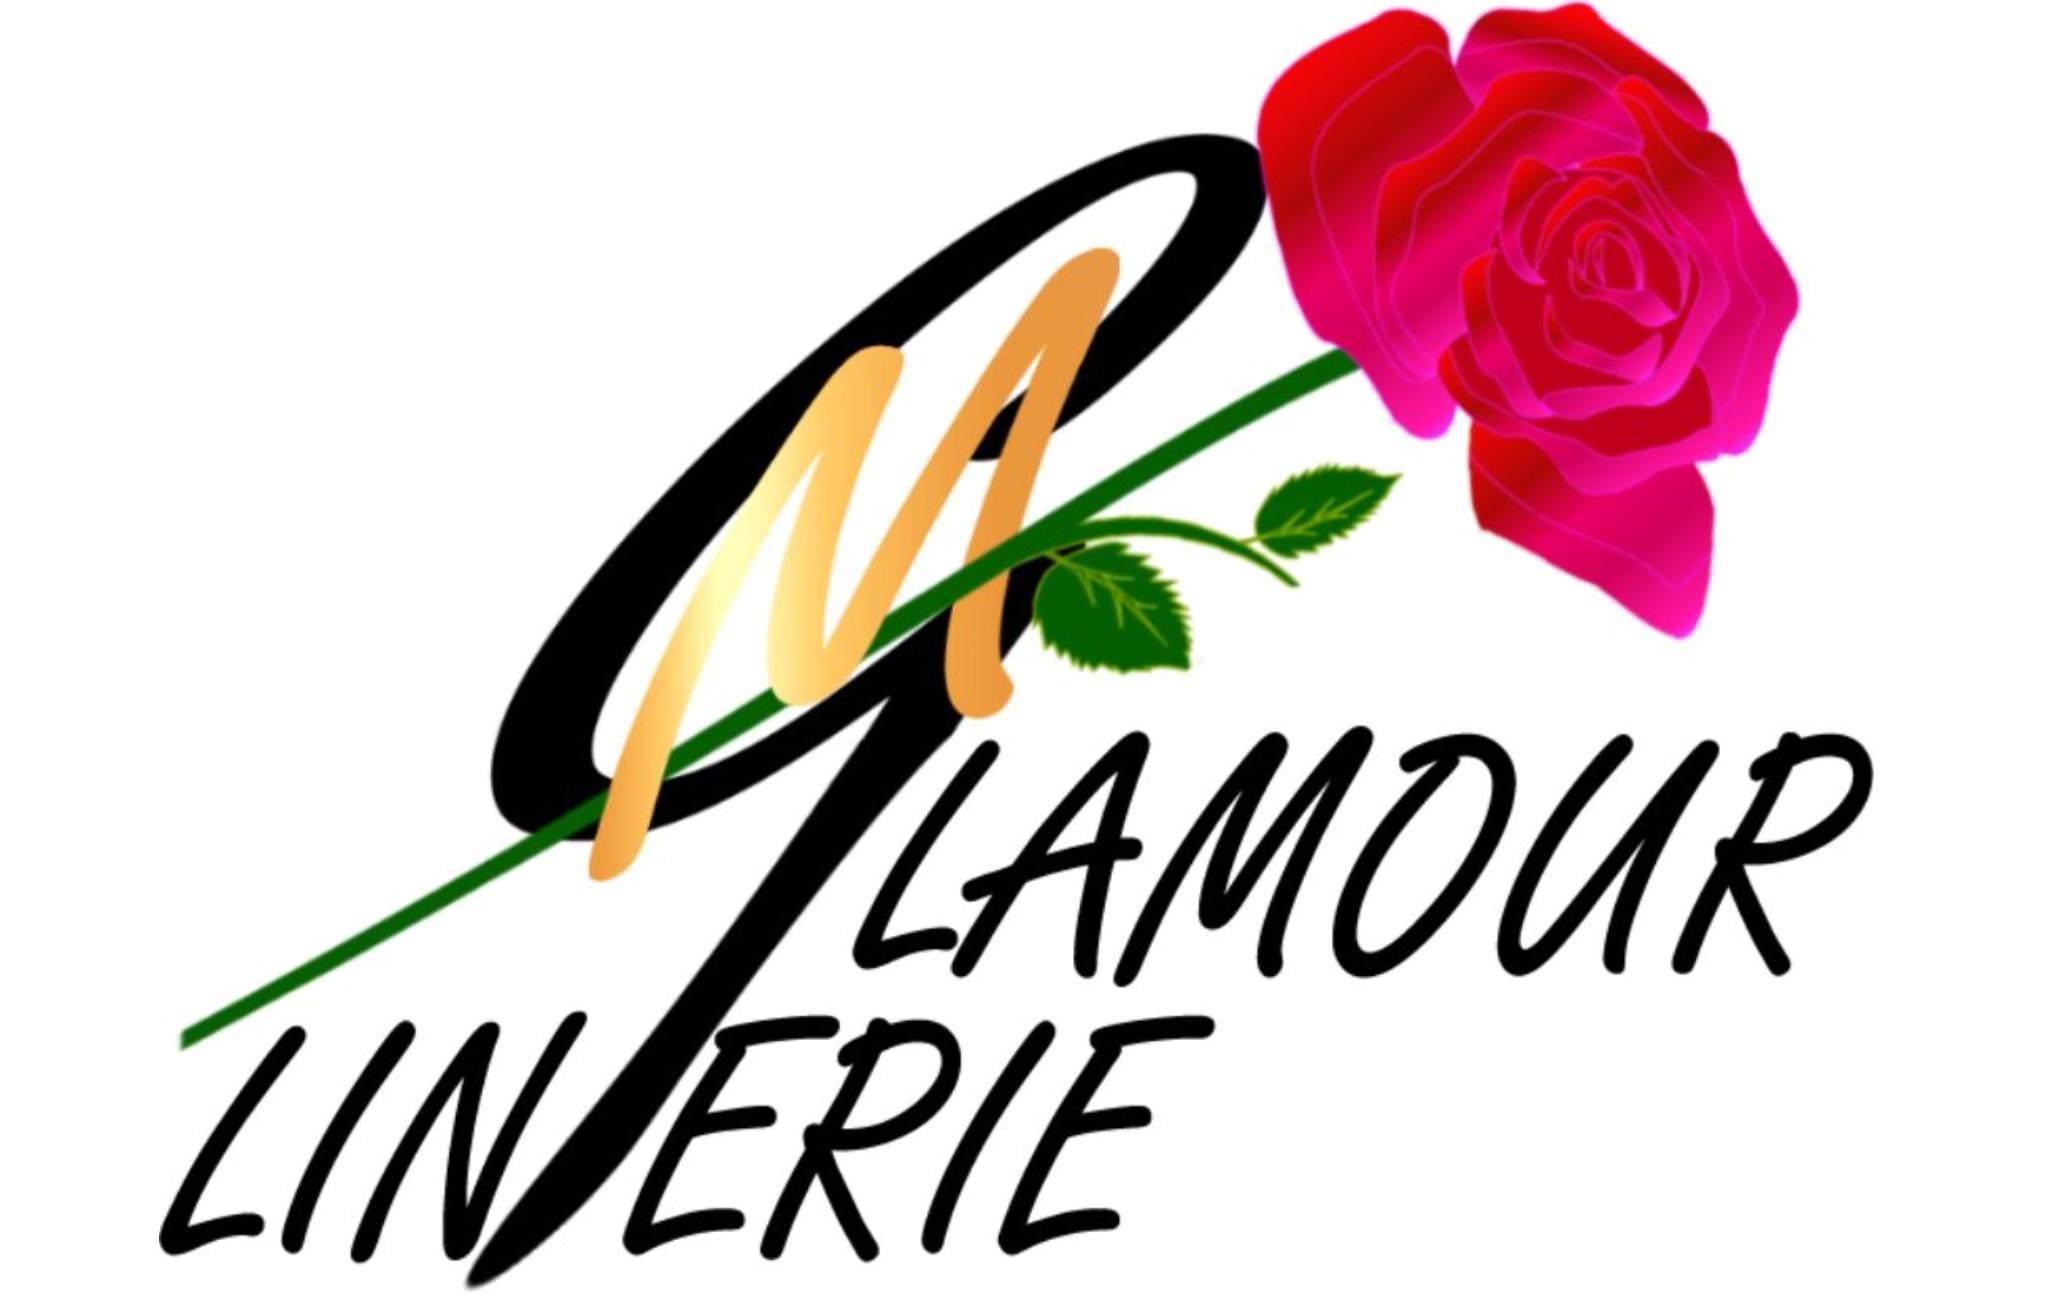 Gm Glamour Lingerie